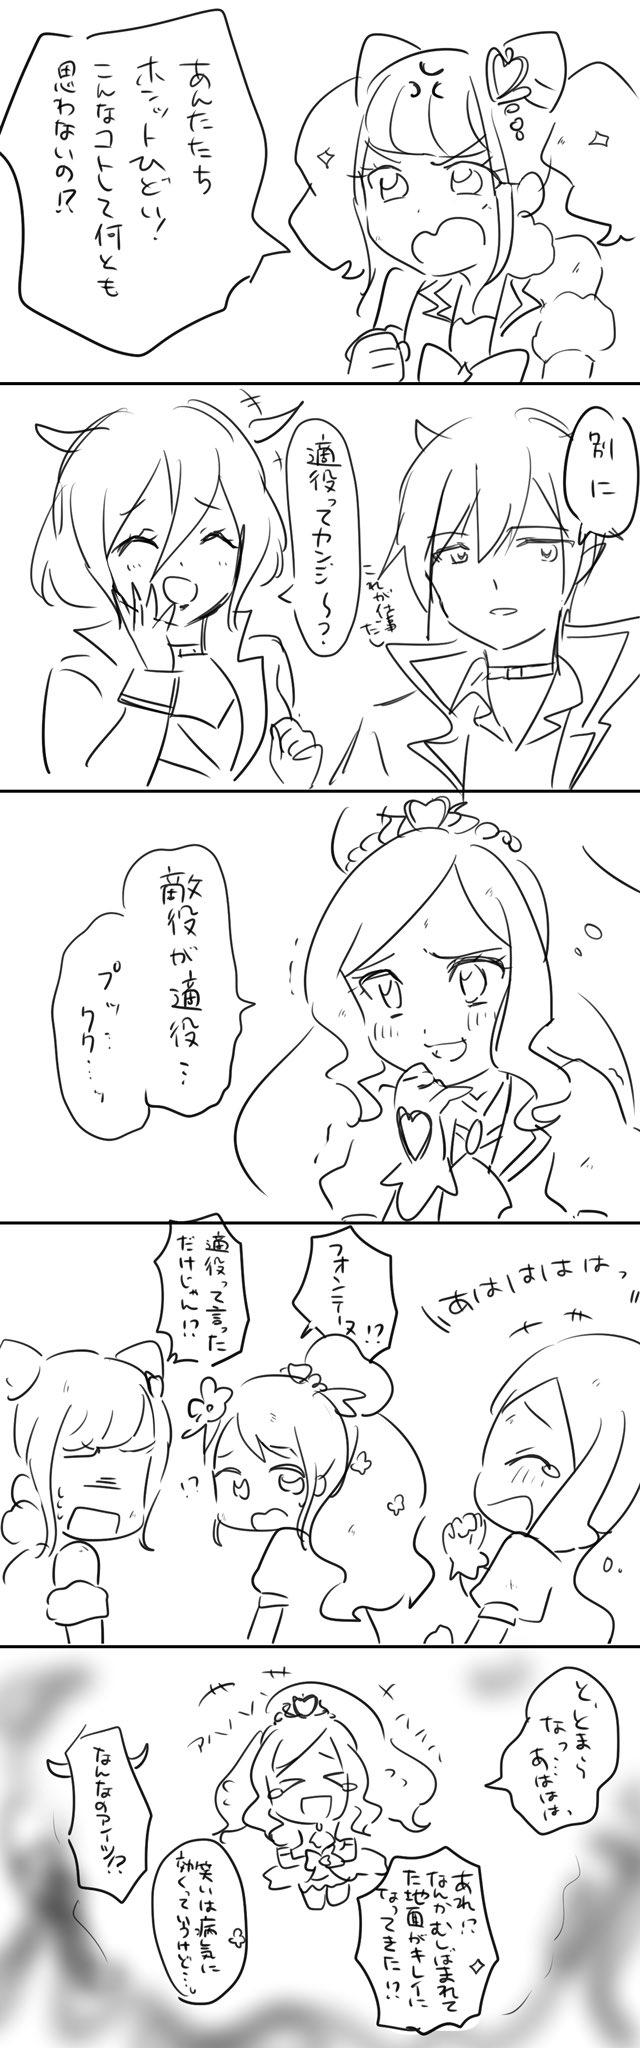 病気 ショタコン